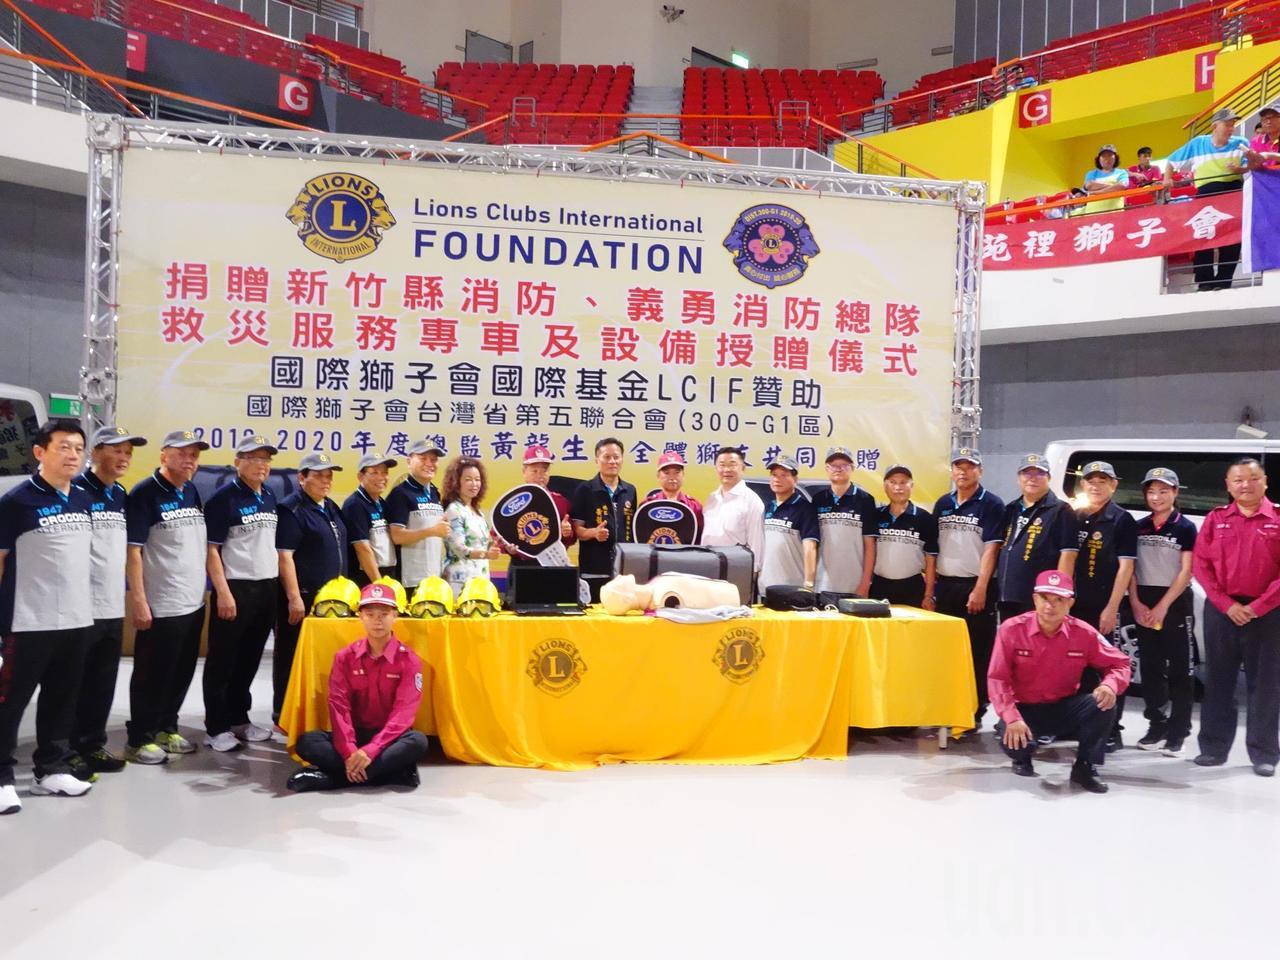 竹縣運動會千人做CPR 國際獅子會還捐救災車